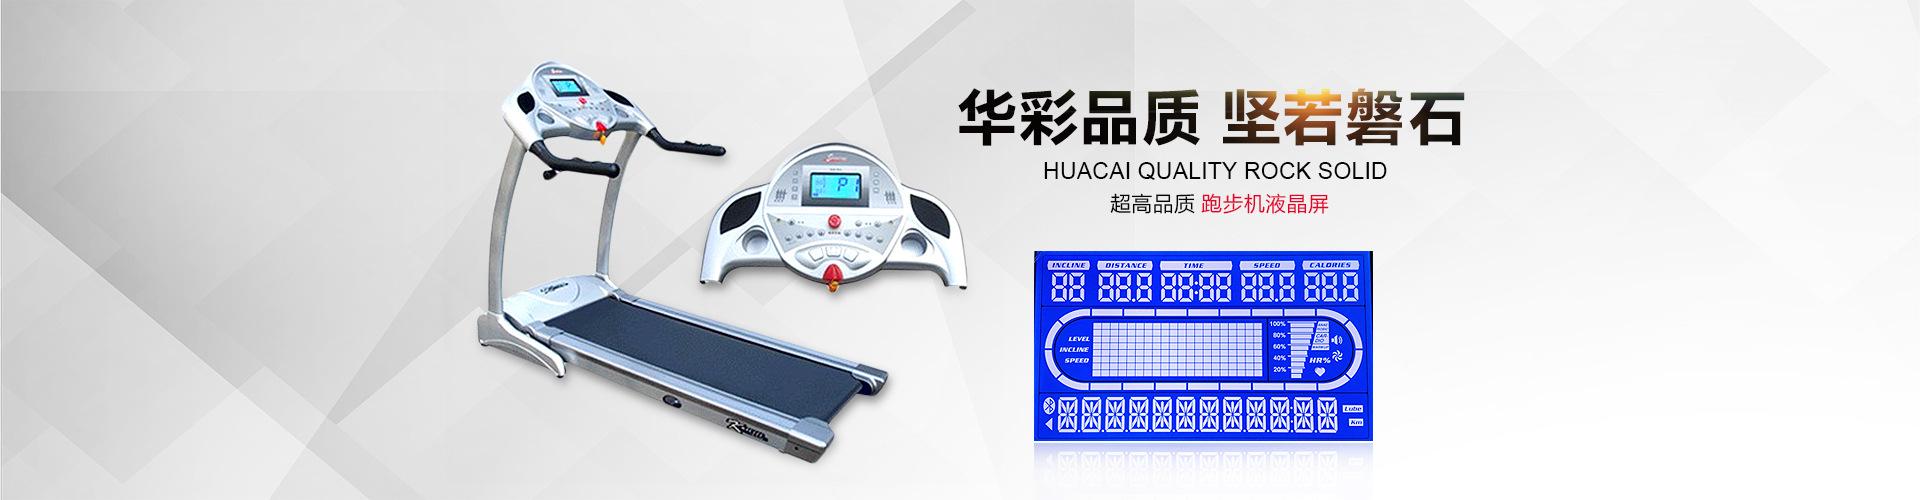 深圳市华彩胜液晶显示技术有限公司